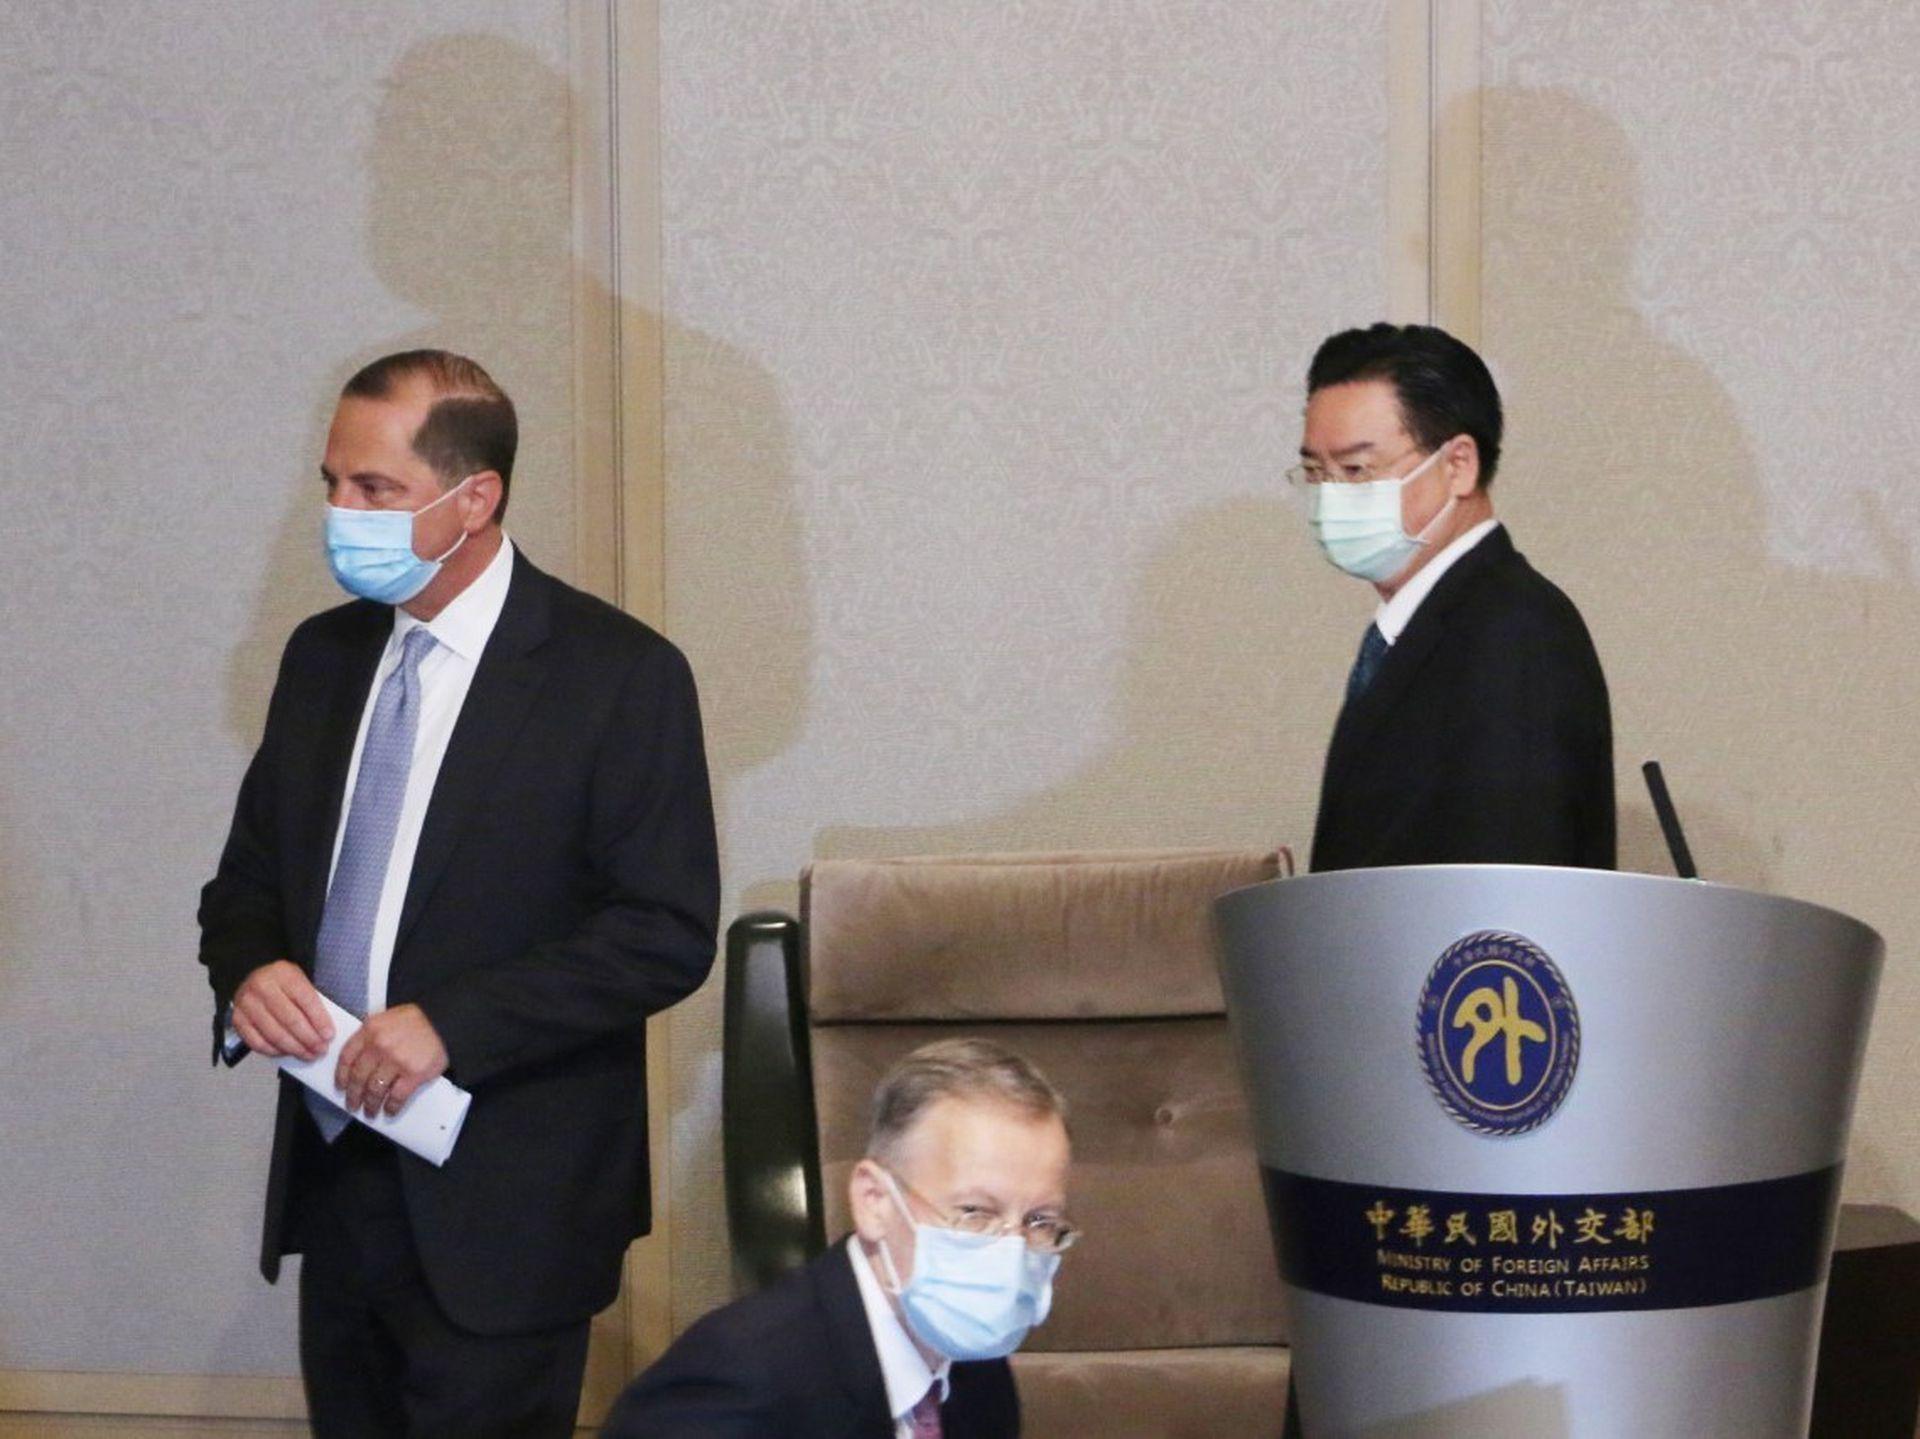 美国卫生部长阿扎(台译阿札尔,Alex Azar)于8月11日公开会见台湾外交部长吴钊燮(右)。(陈卓邦/多维新闻)